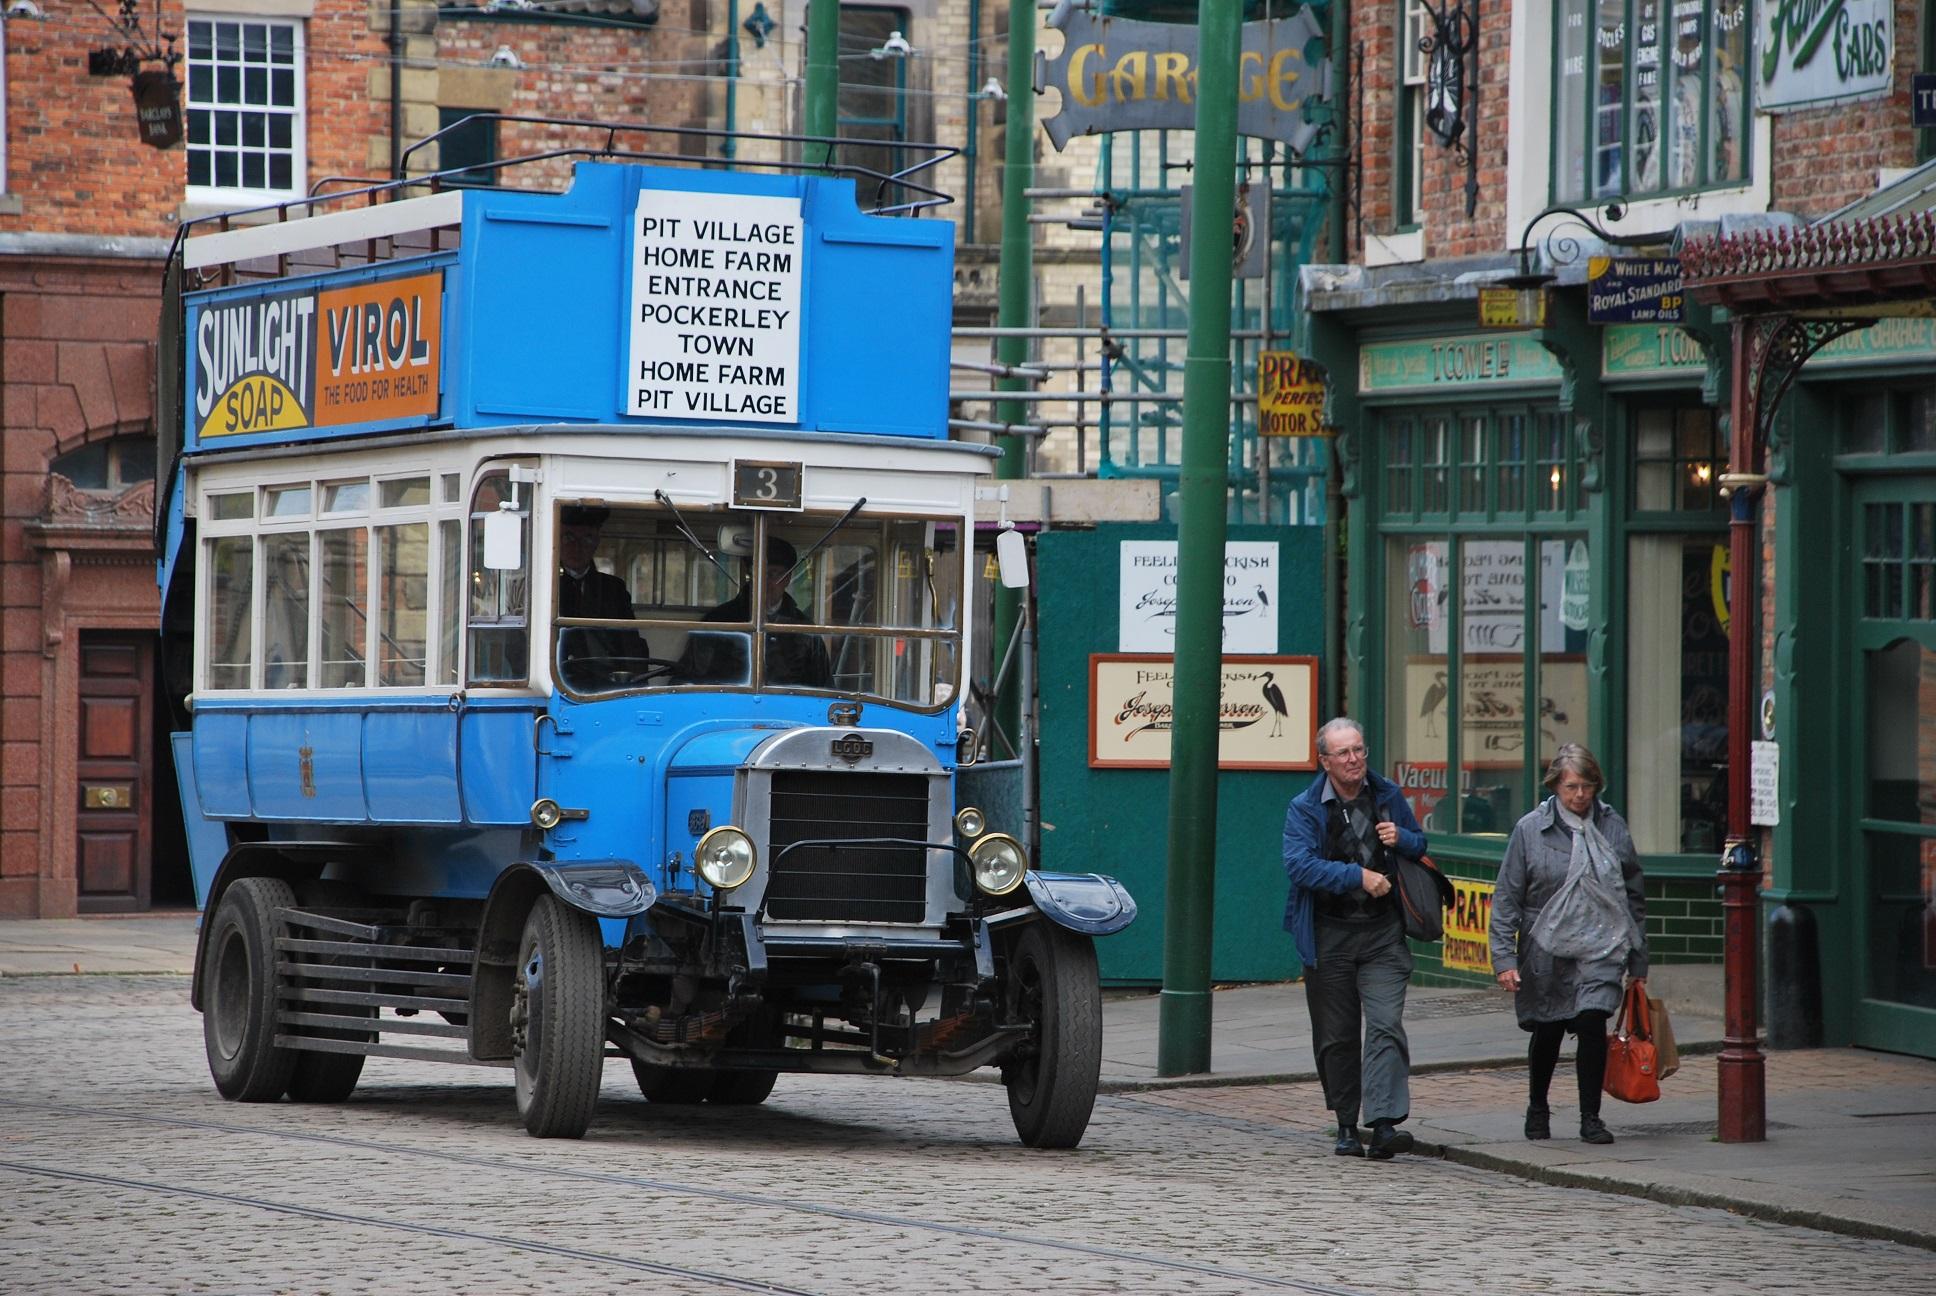 Een typisch vervoersmiddel in Beamish Museum